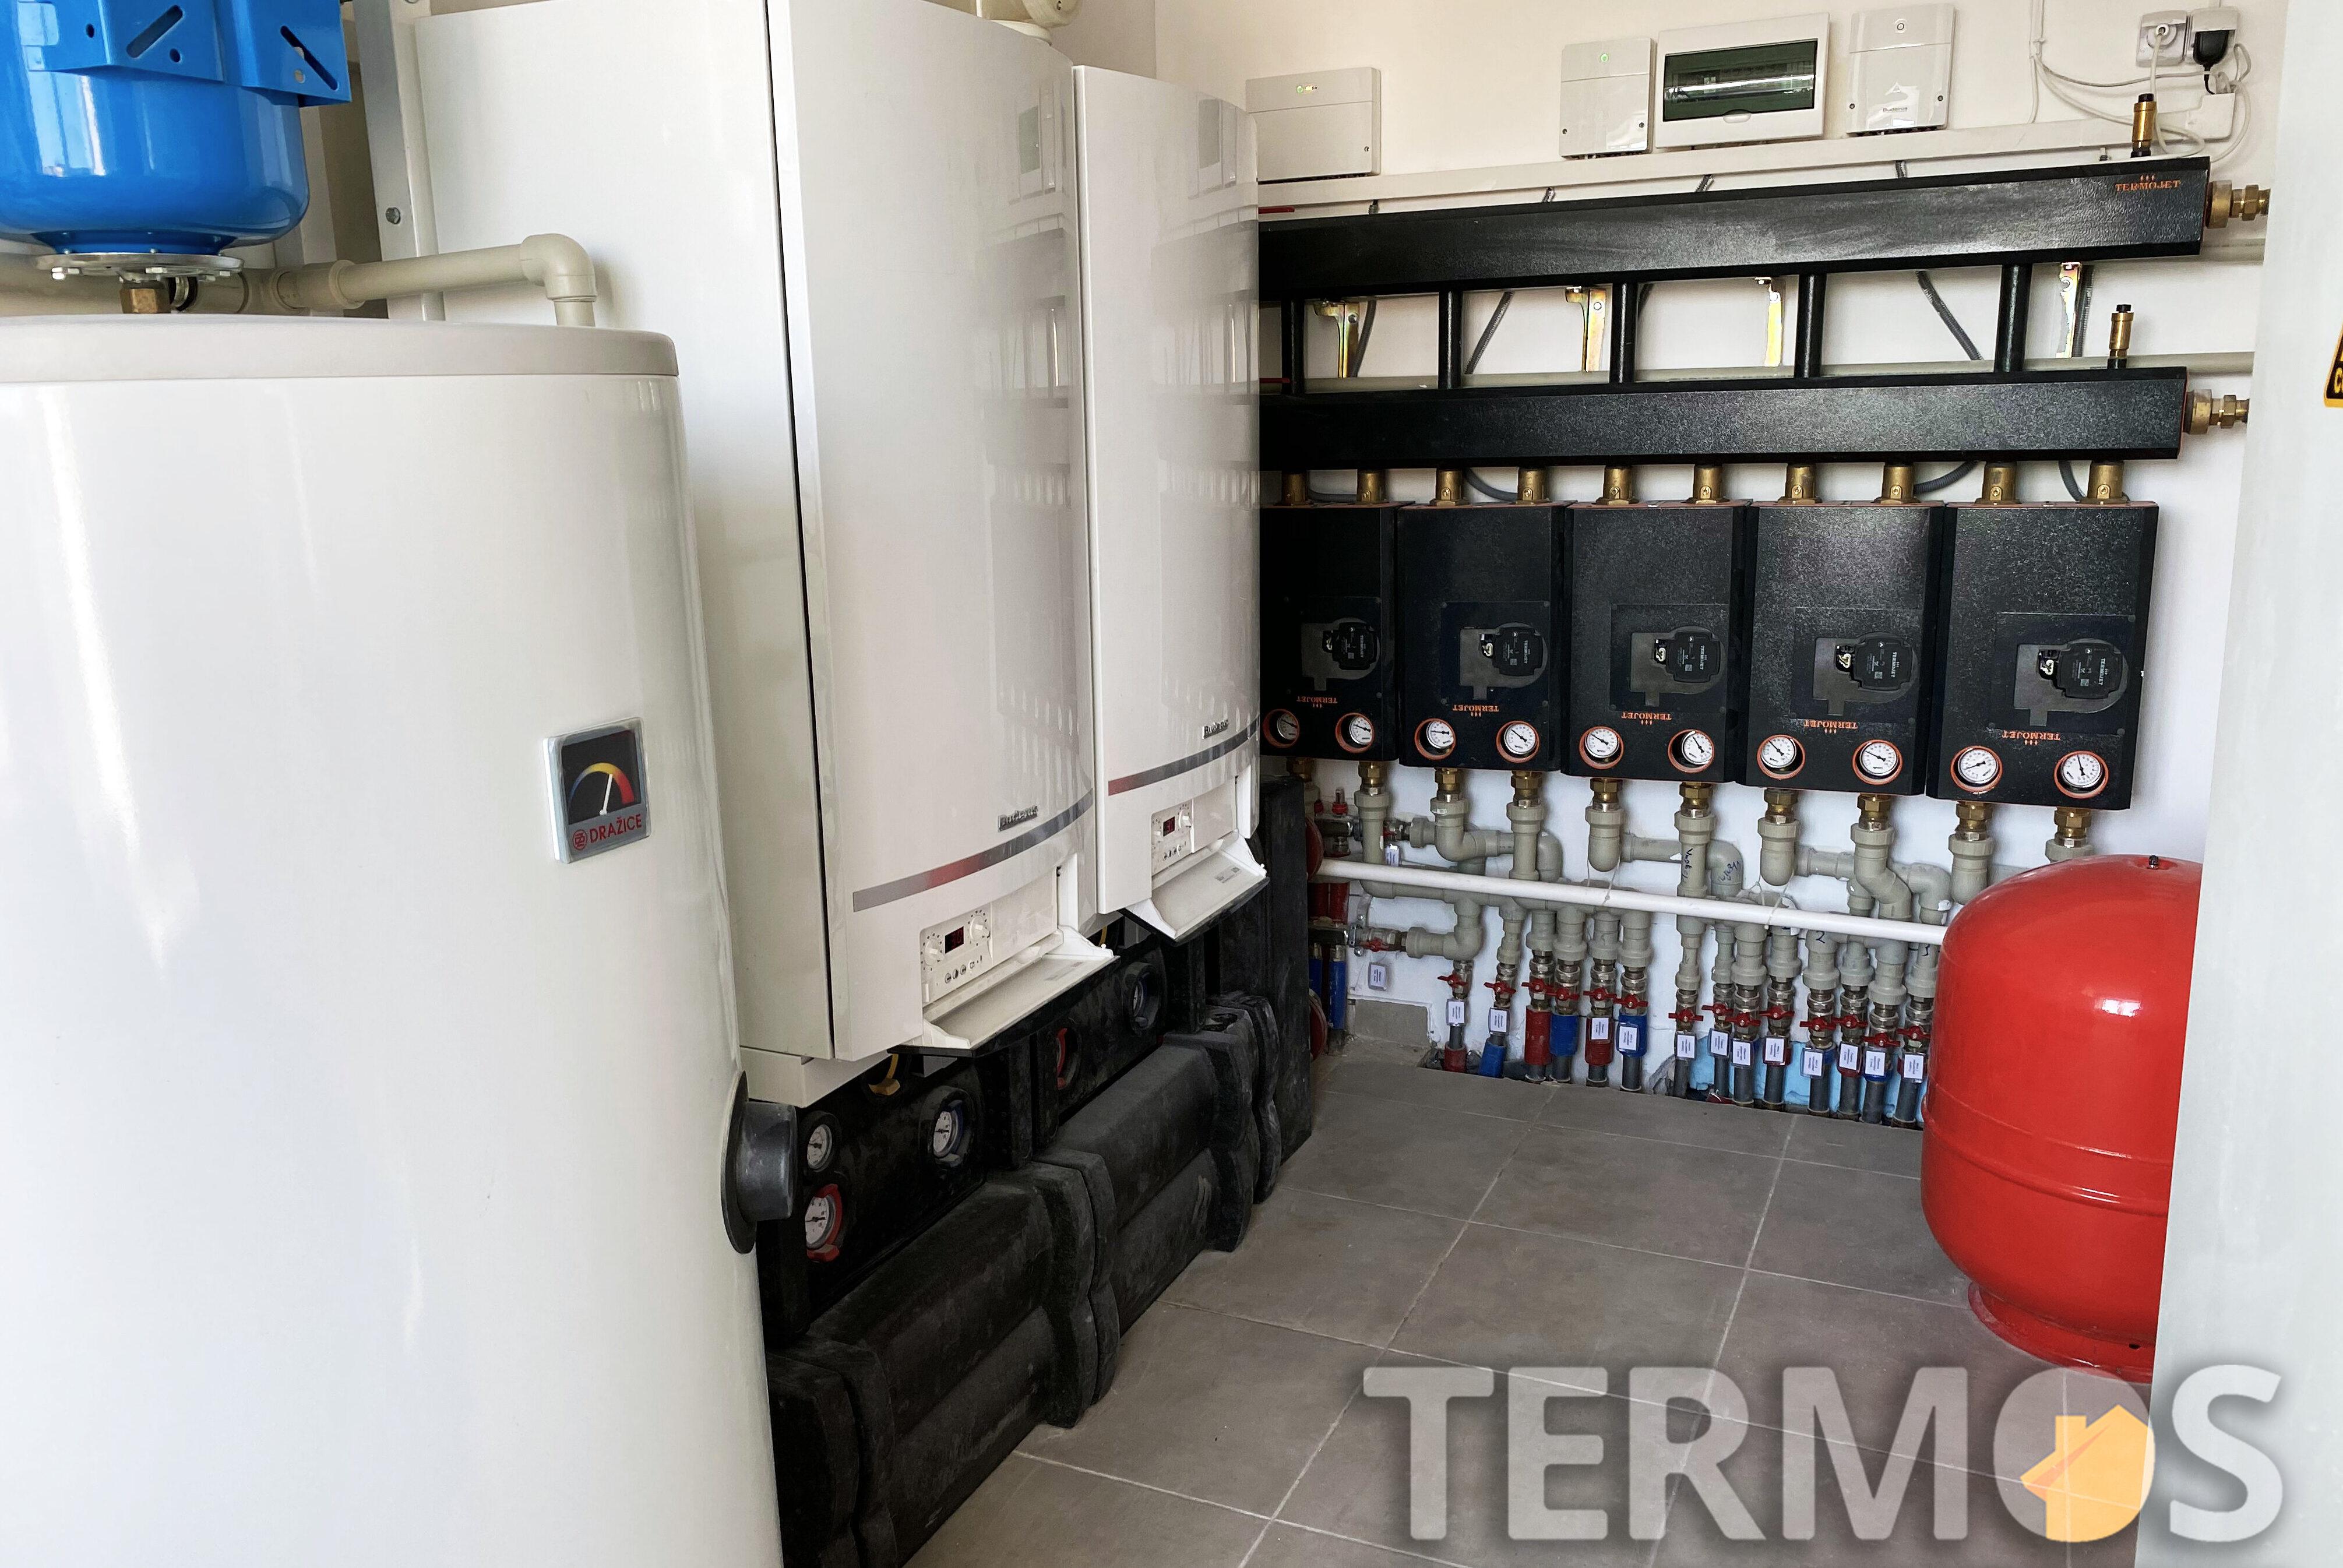 Функции системы отопления - погодозависимое отопление отдельно каждого этажа (радиаторы); приготовление горячей воды в 400 л бойлере, циркуляция ГВС; контроль и управление через интернет